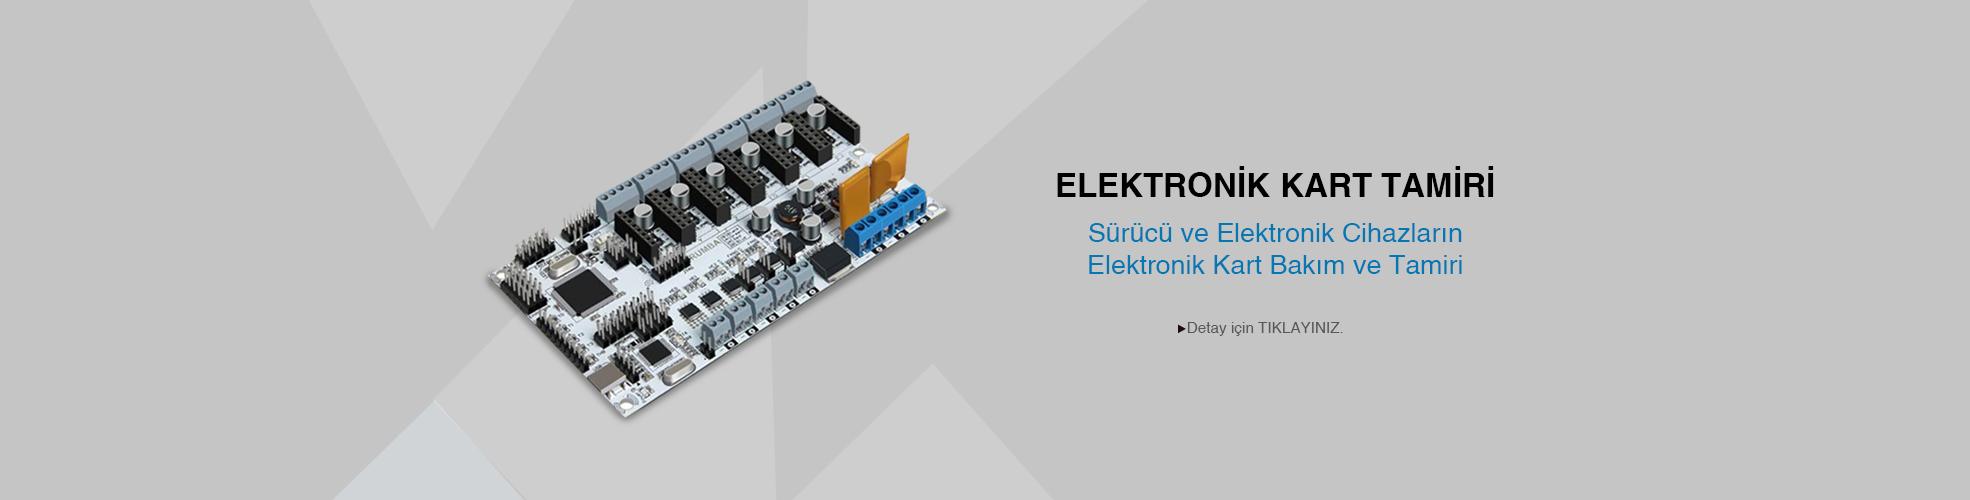 elektronik-kart-tamiri-slider